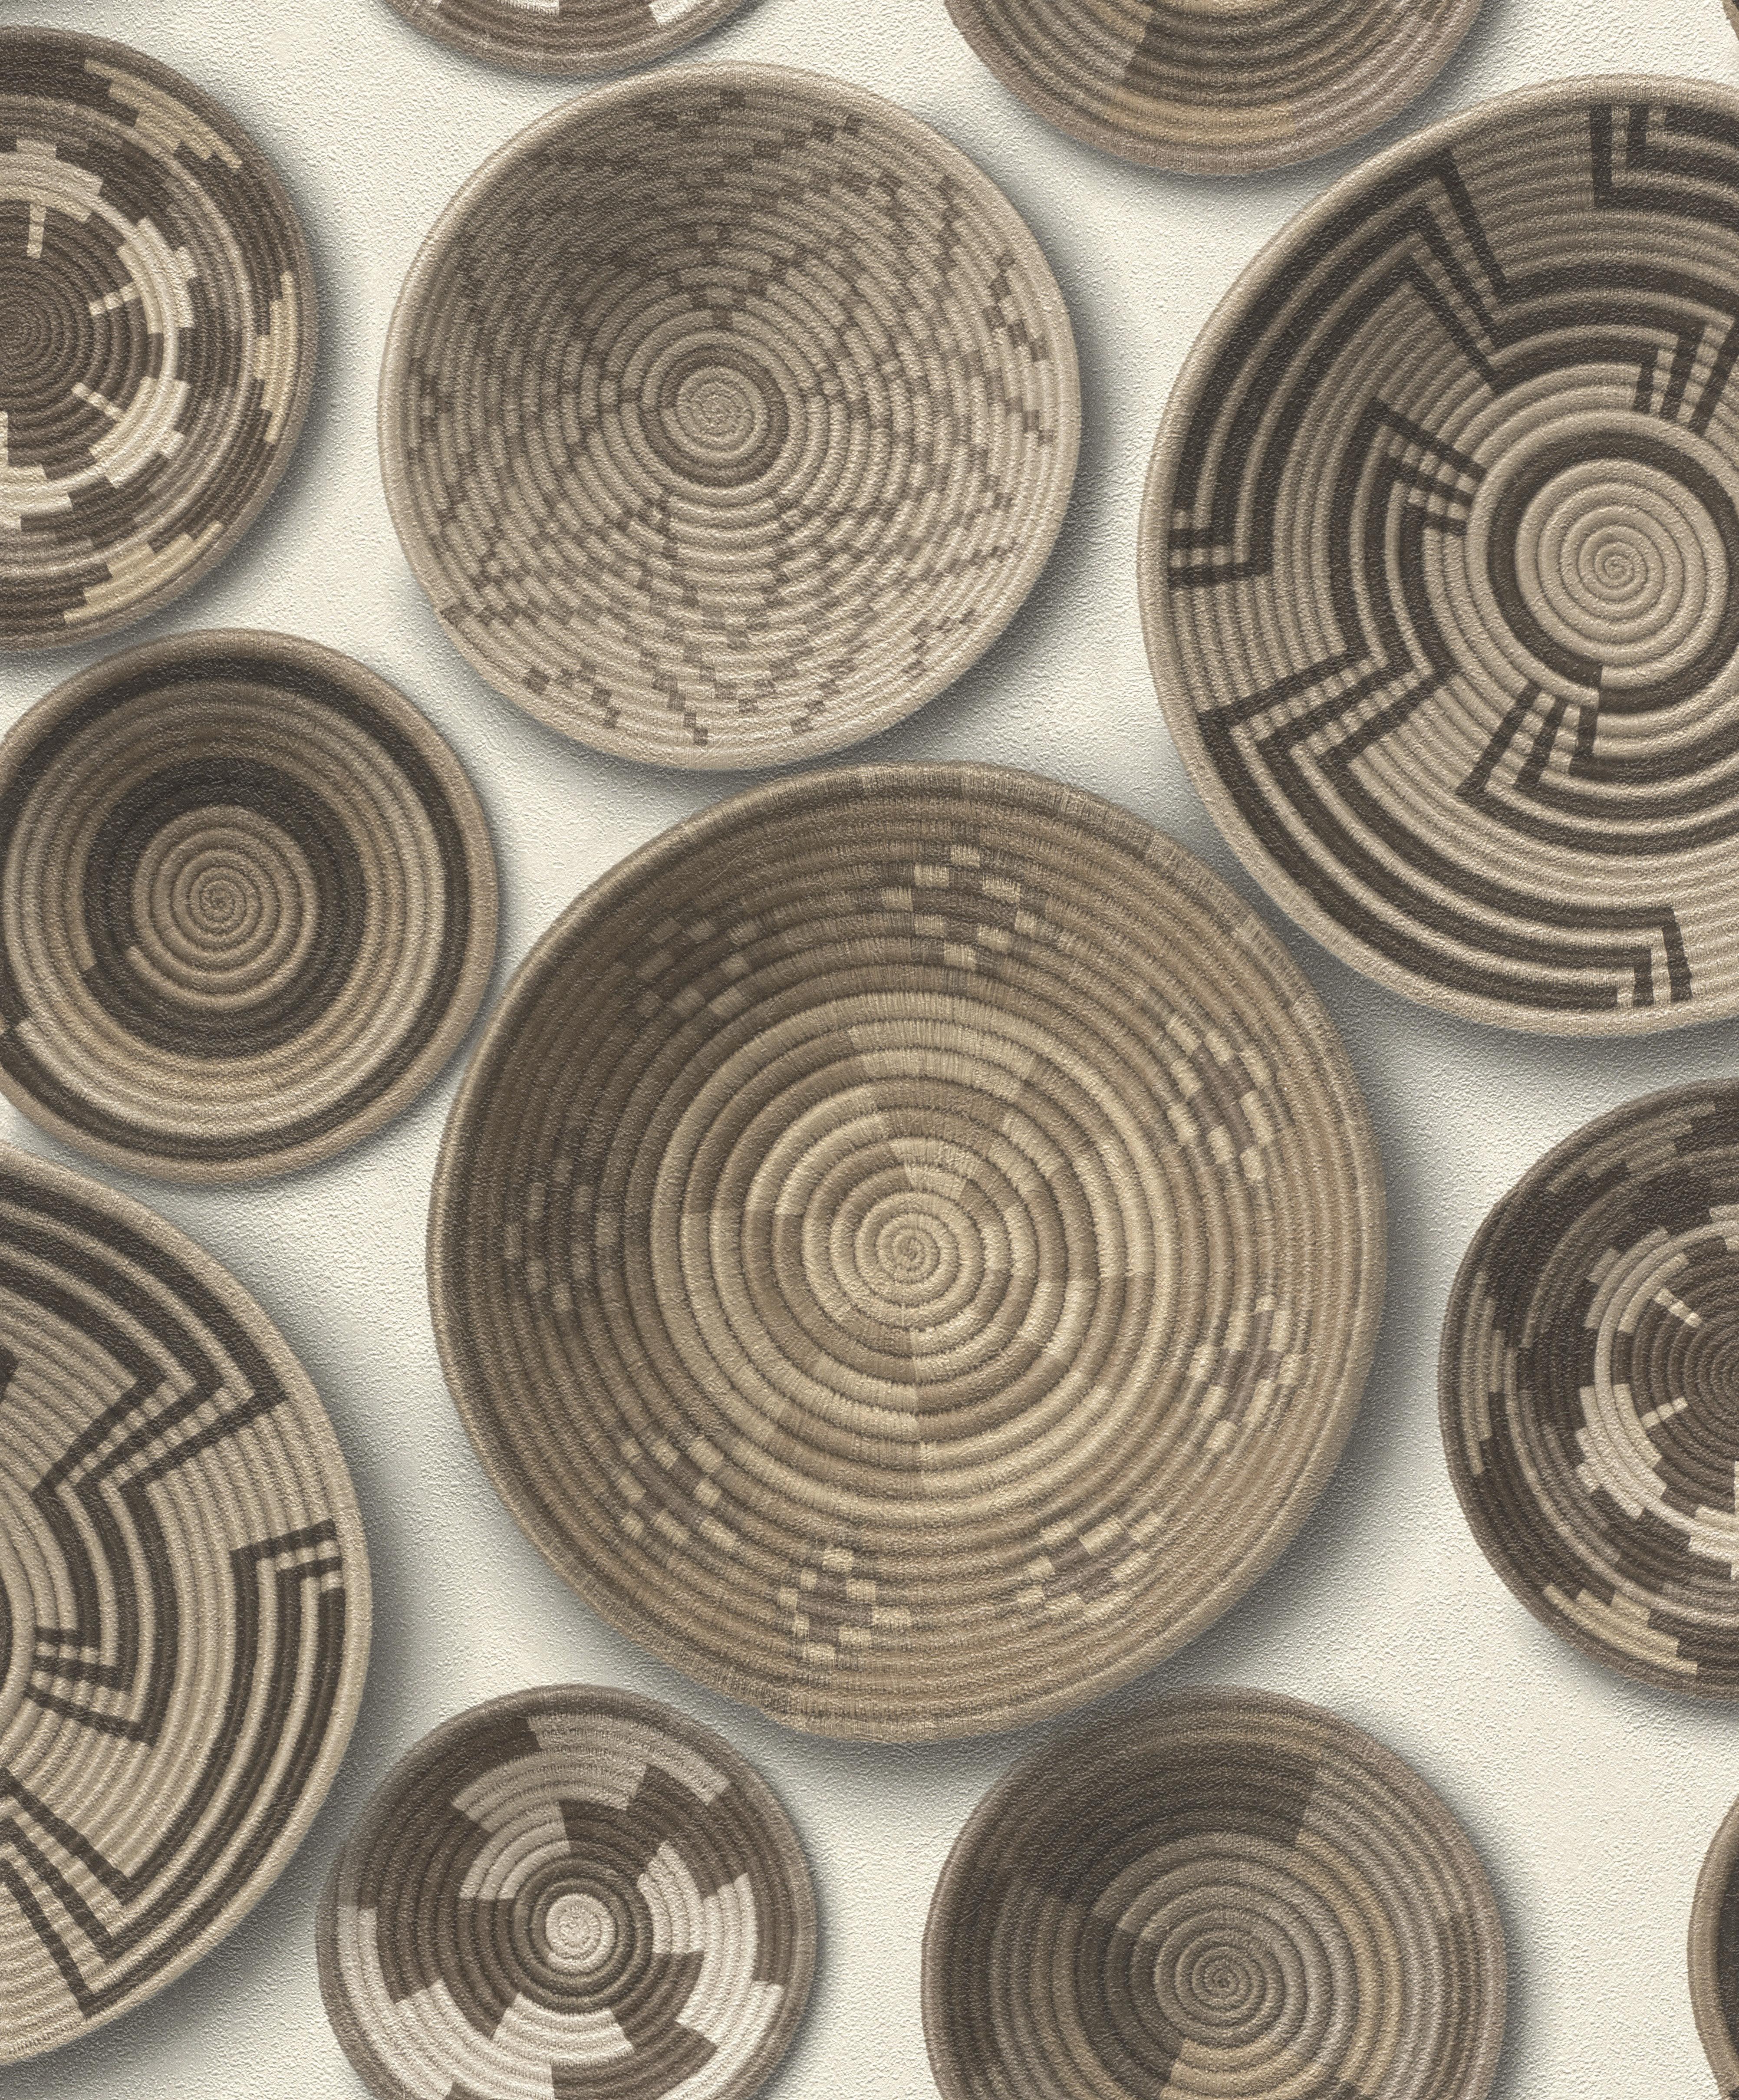 Kézzel készített tál mintás tapéta